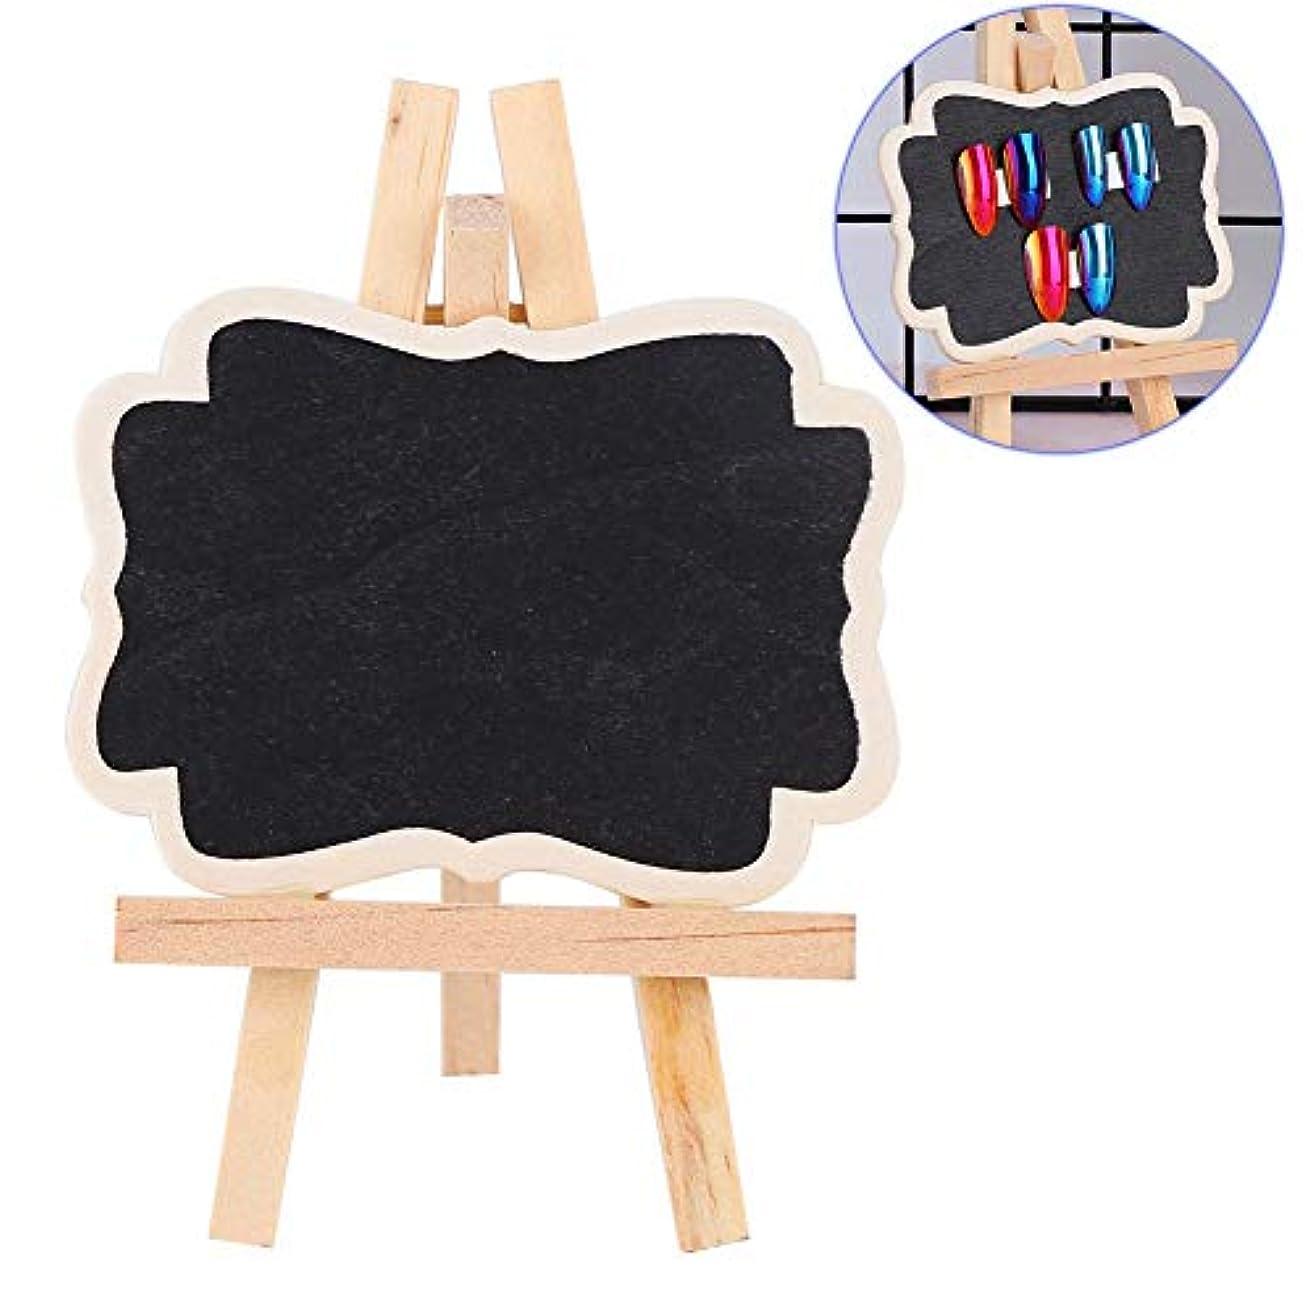 ネイルアート ディスプレイ スタンド 両面 ネイルアートディスプレイスタンド ジェル ポリッシュカラーショーケースフレーム 黒板